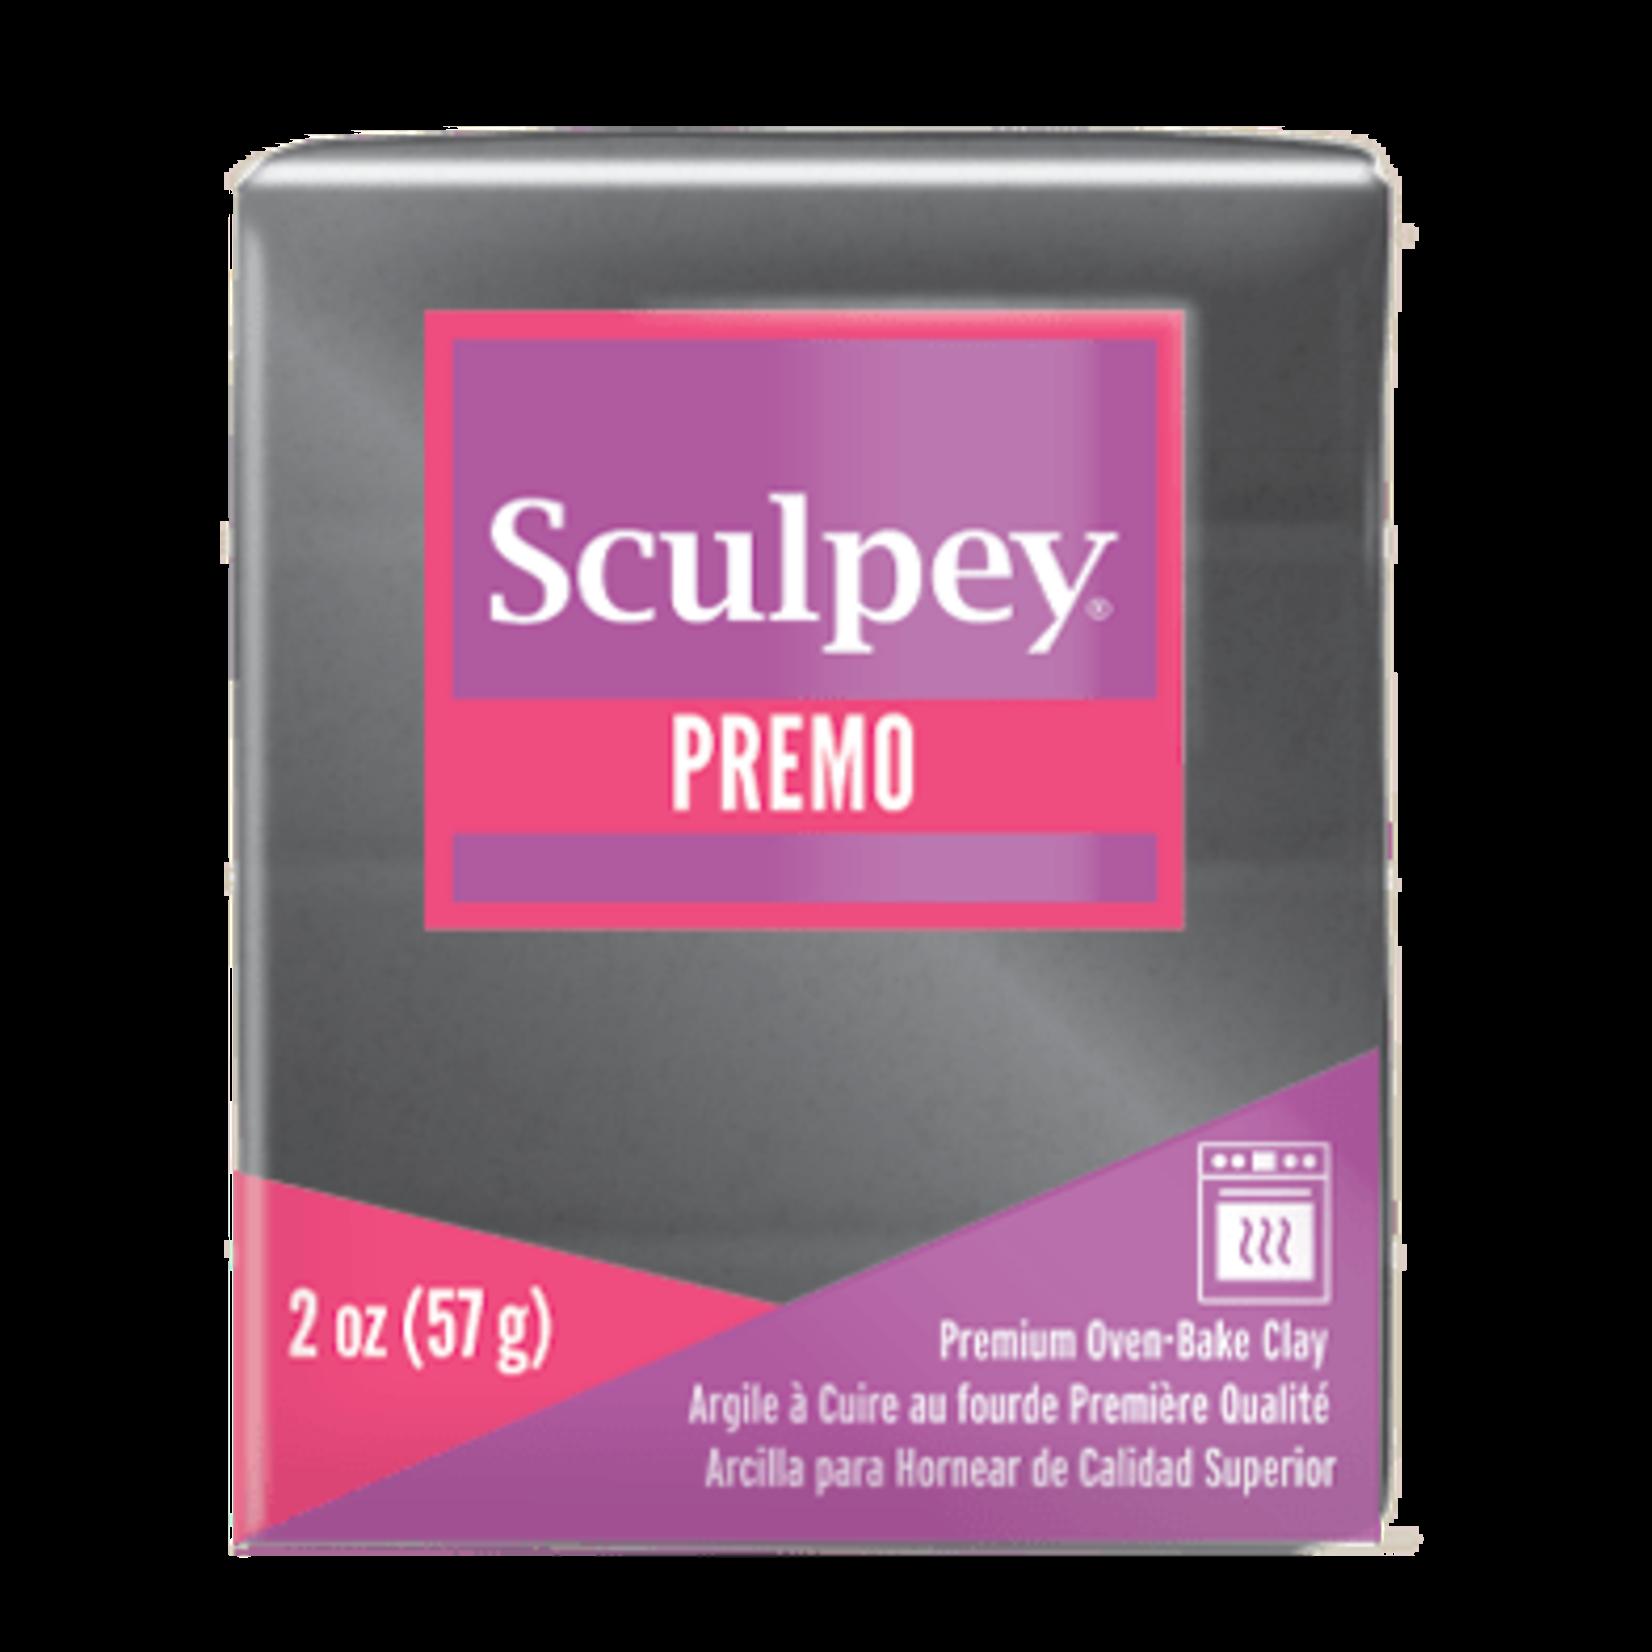 Sculpey Sculpey Premo   -- Graphite Pearl